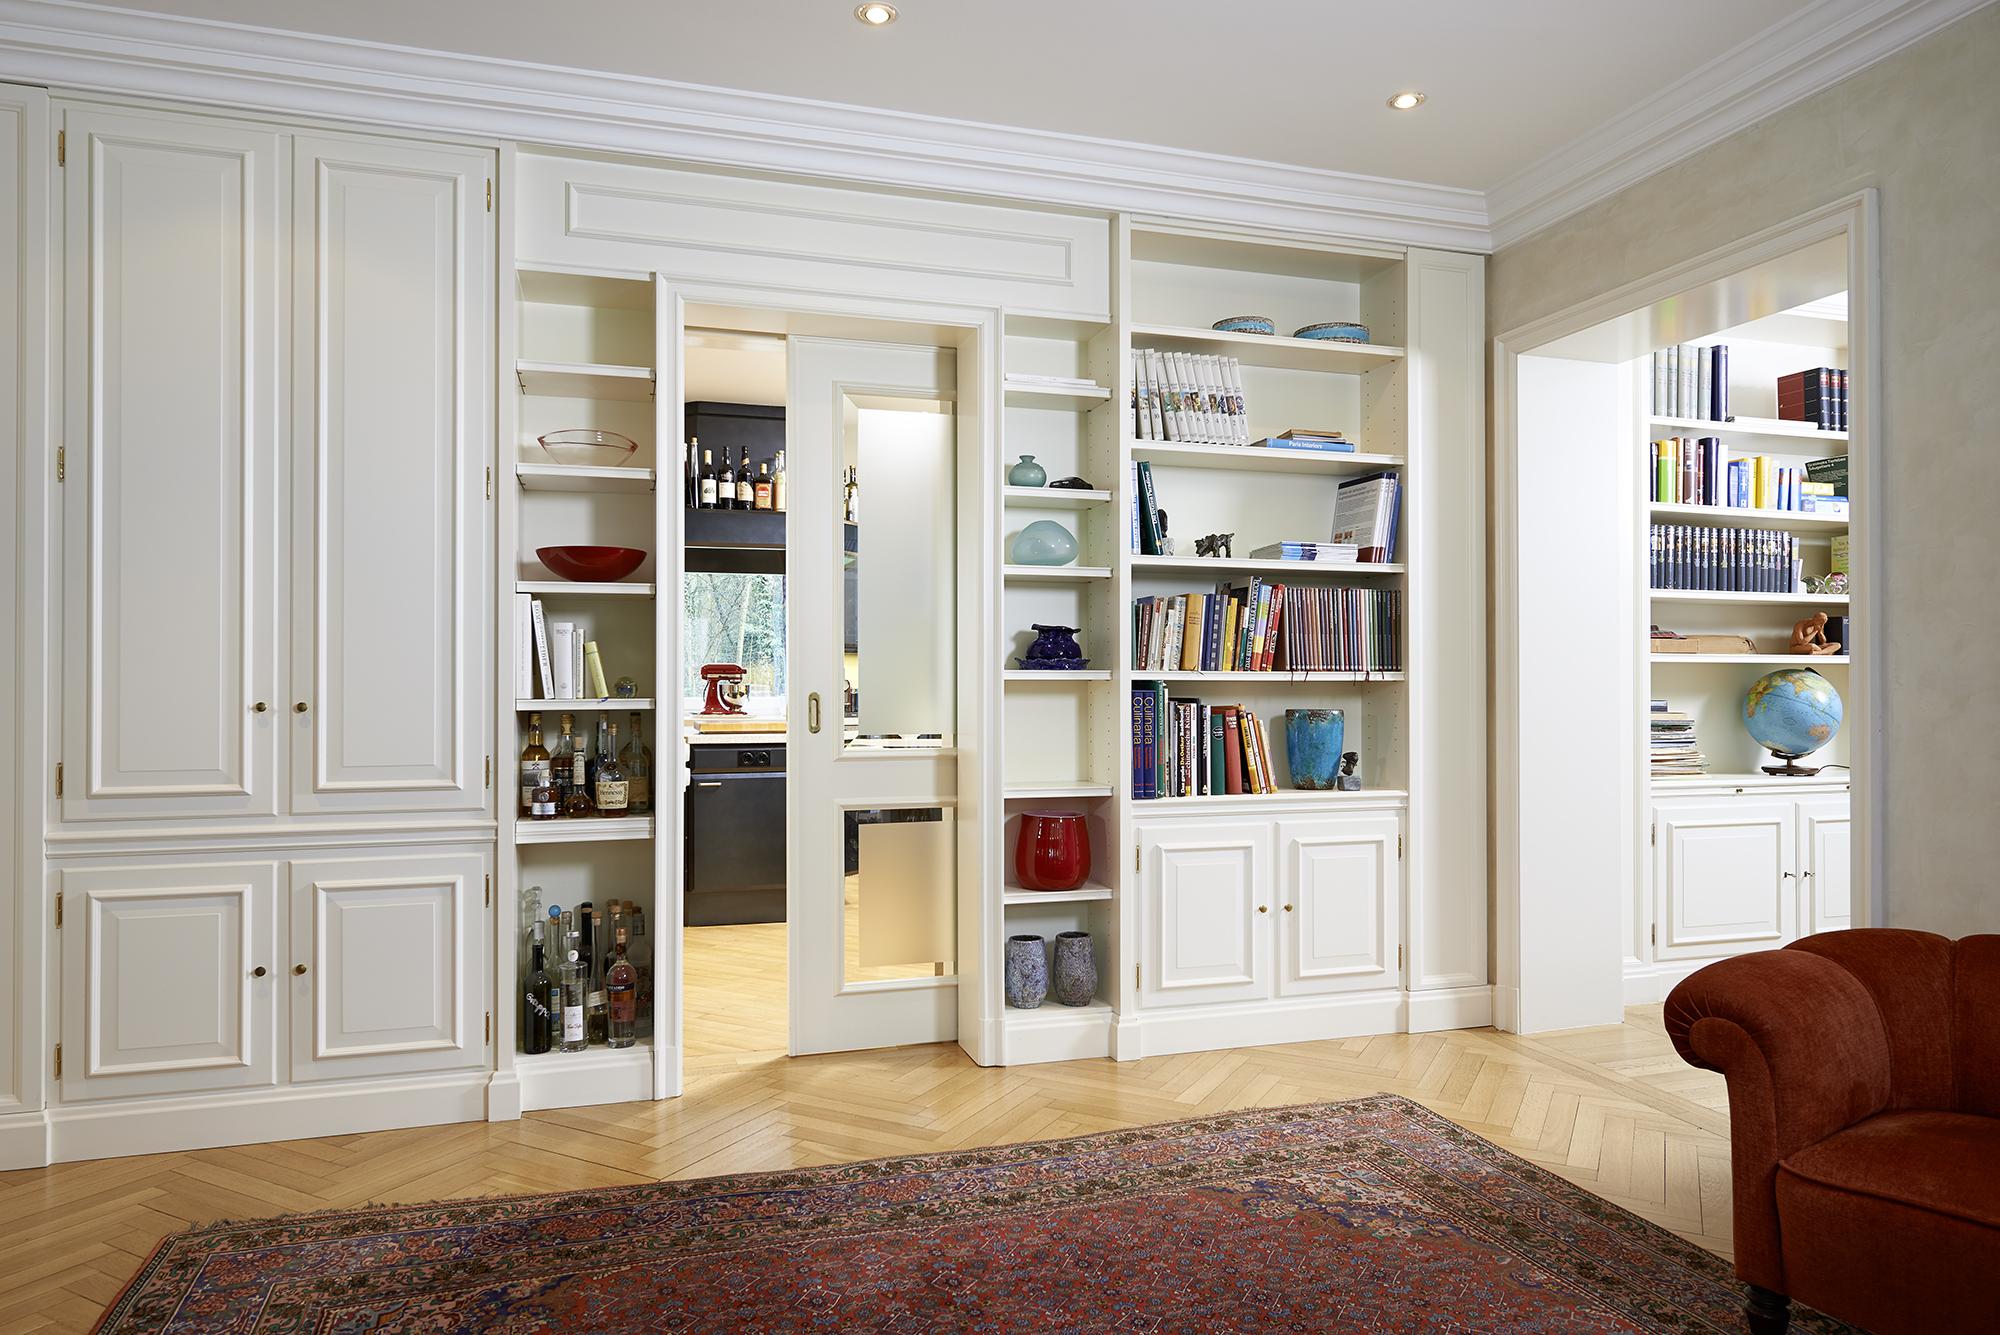 einbauschrank k che 2017 08 19 02 46 08. Black Bedroom Furniture Sets. Home Design Ideas